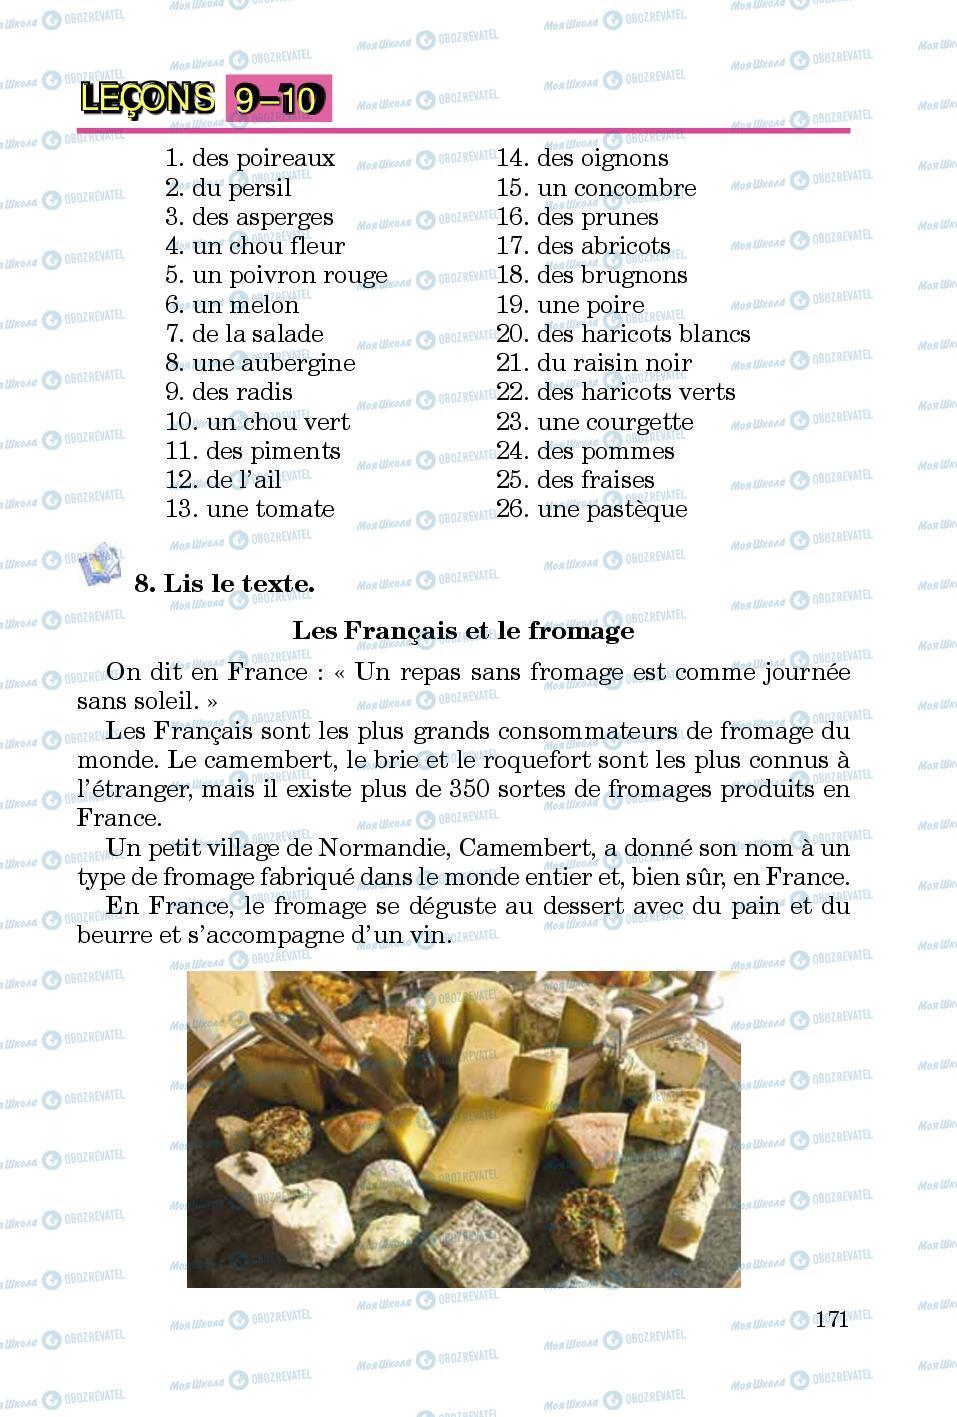 Підручники Французька мова 5 клас сторінка 171